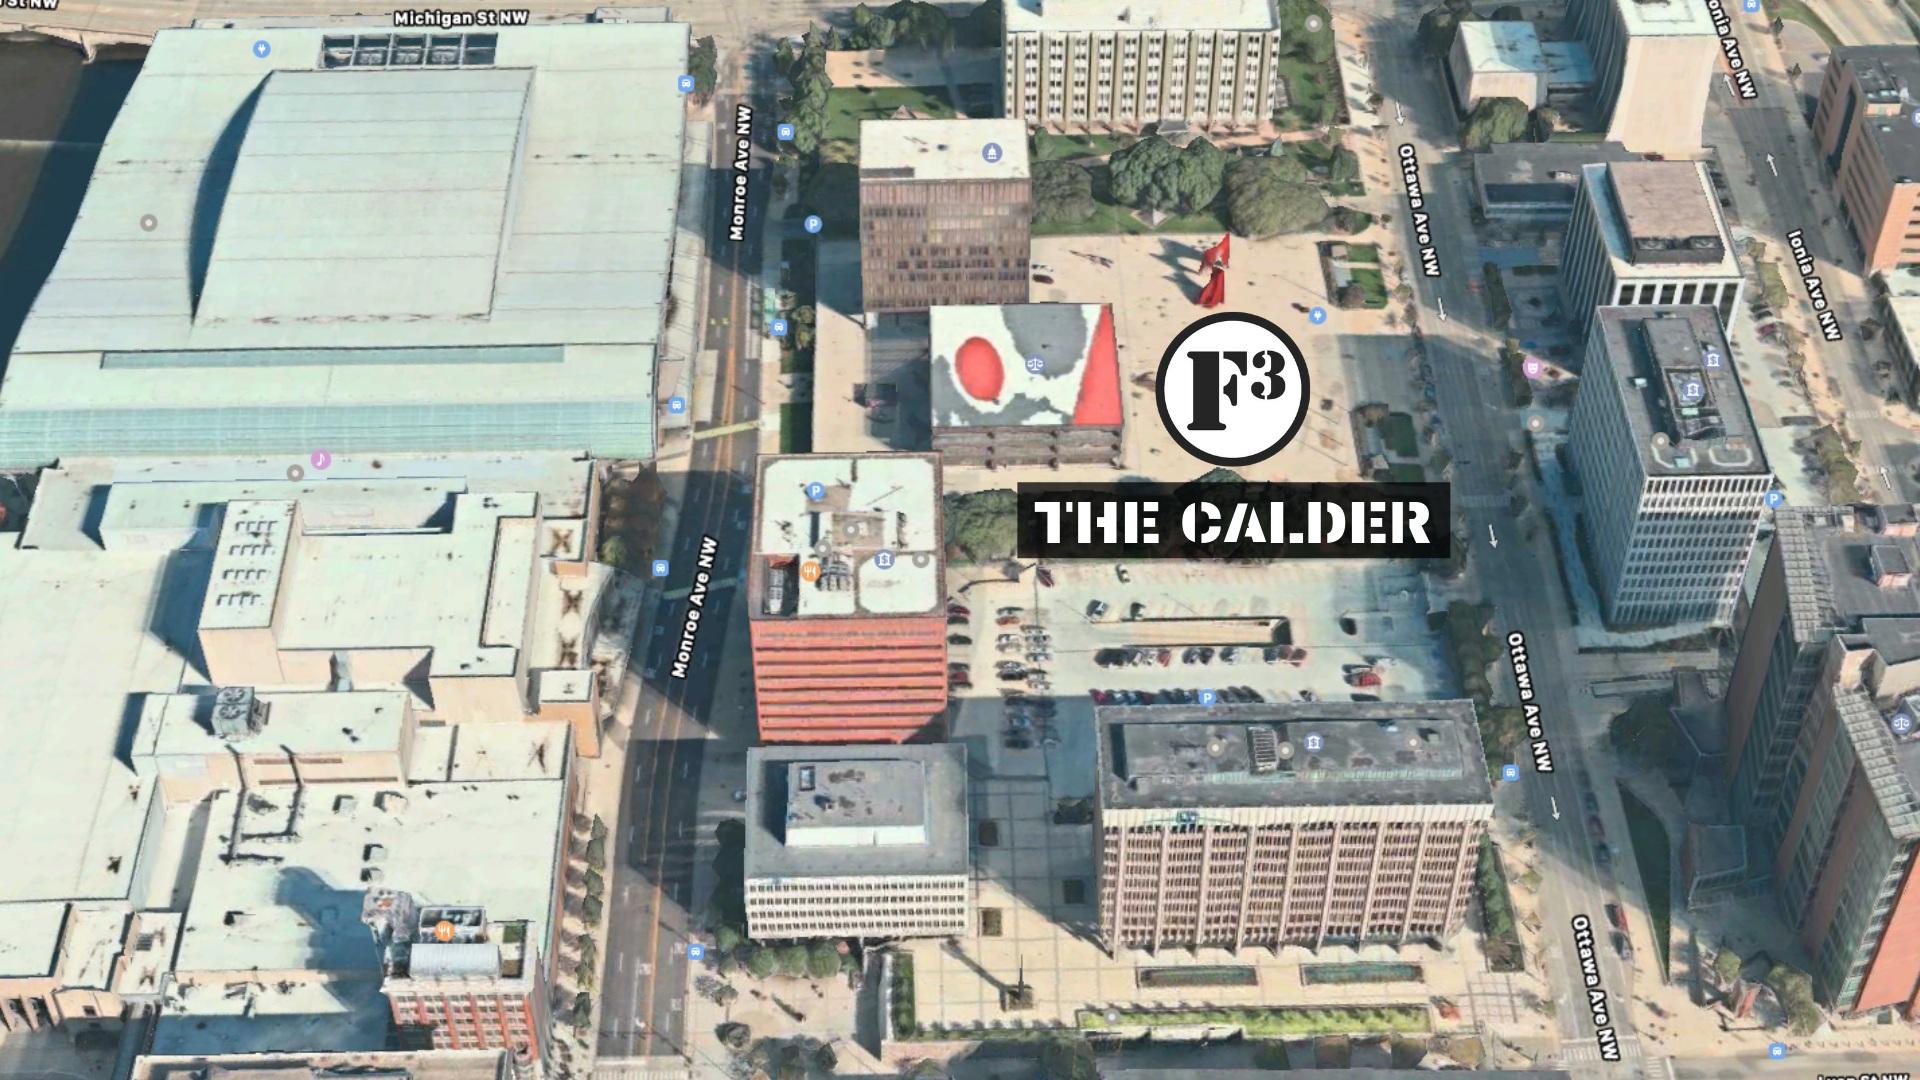 WEDNESDAYS | THE CALDER | 0530-0615